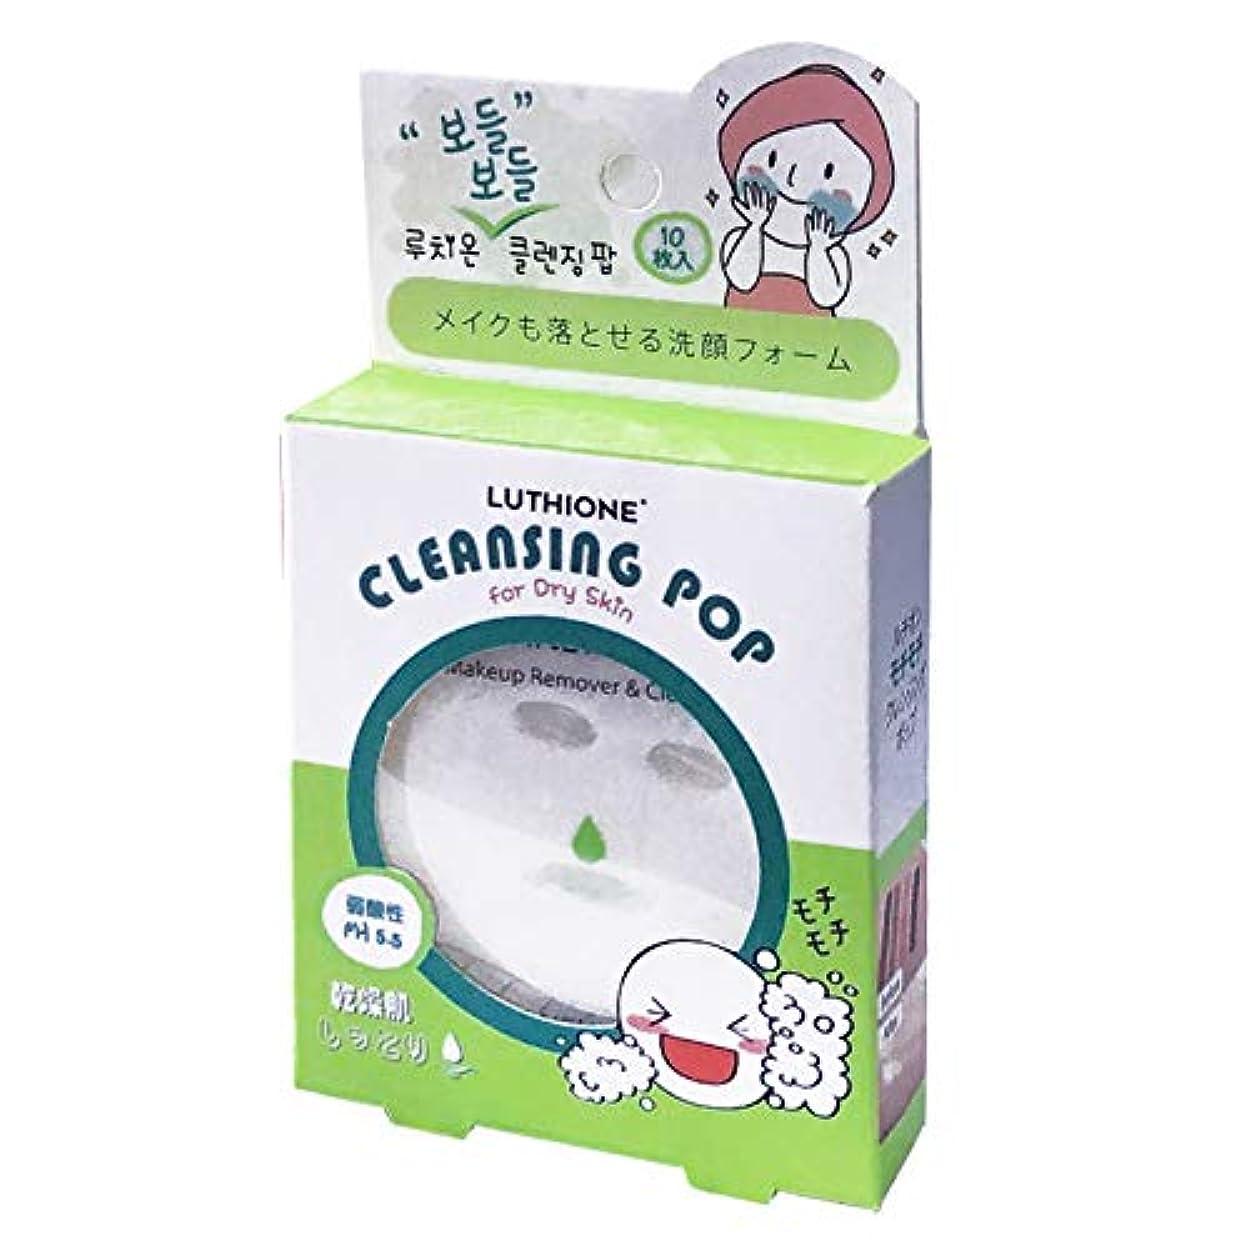 等しい誓う強風【まとめ買い】ルチオン クレンジングポップ (LUTHIONE CLEANSING POP) 乾燥肌 10枚入り ×10個